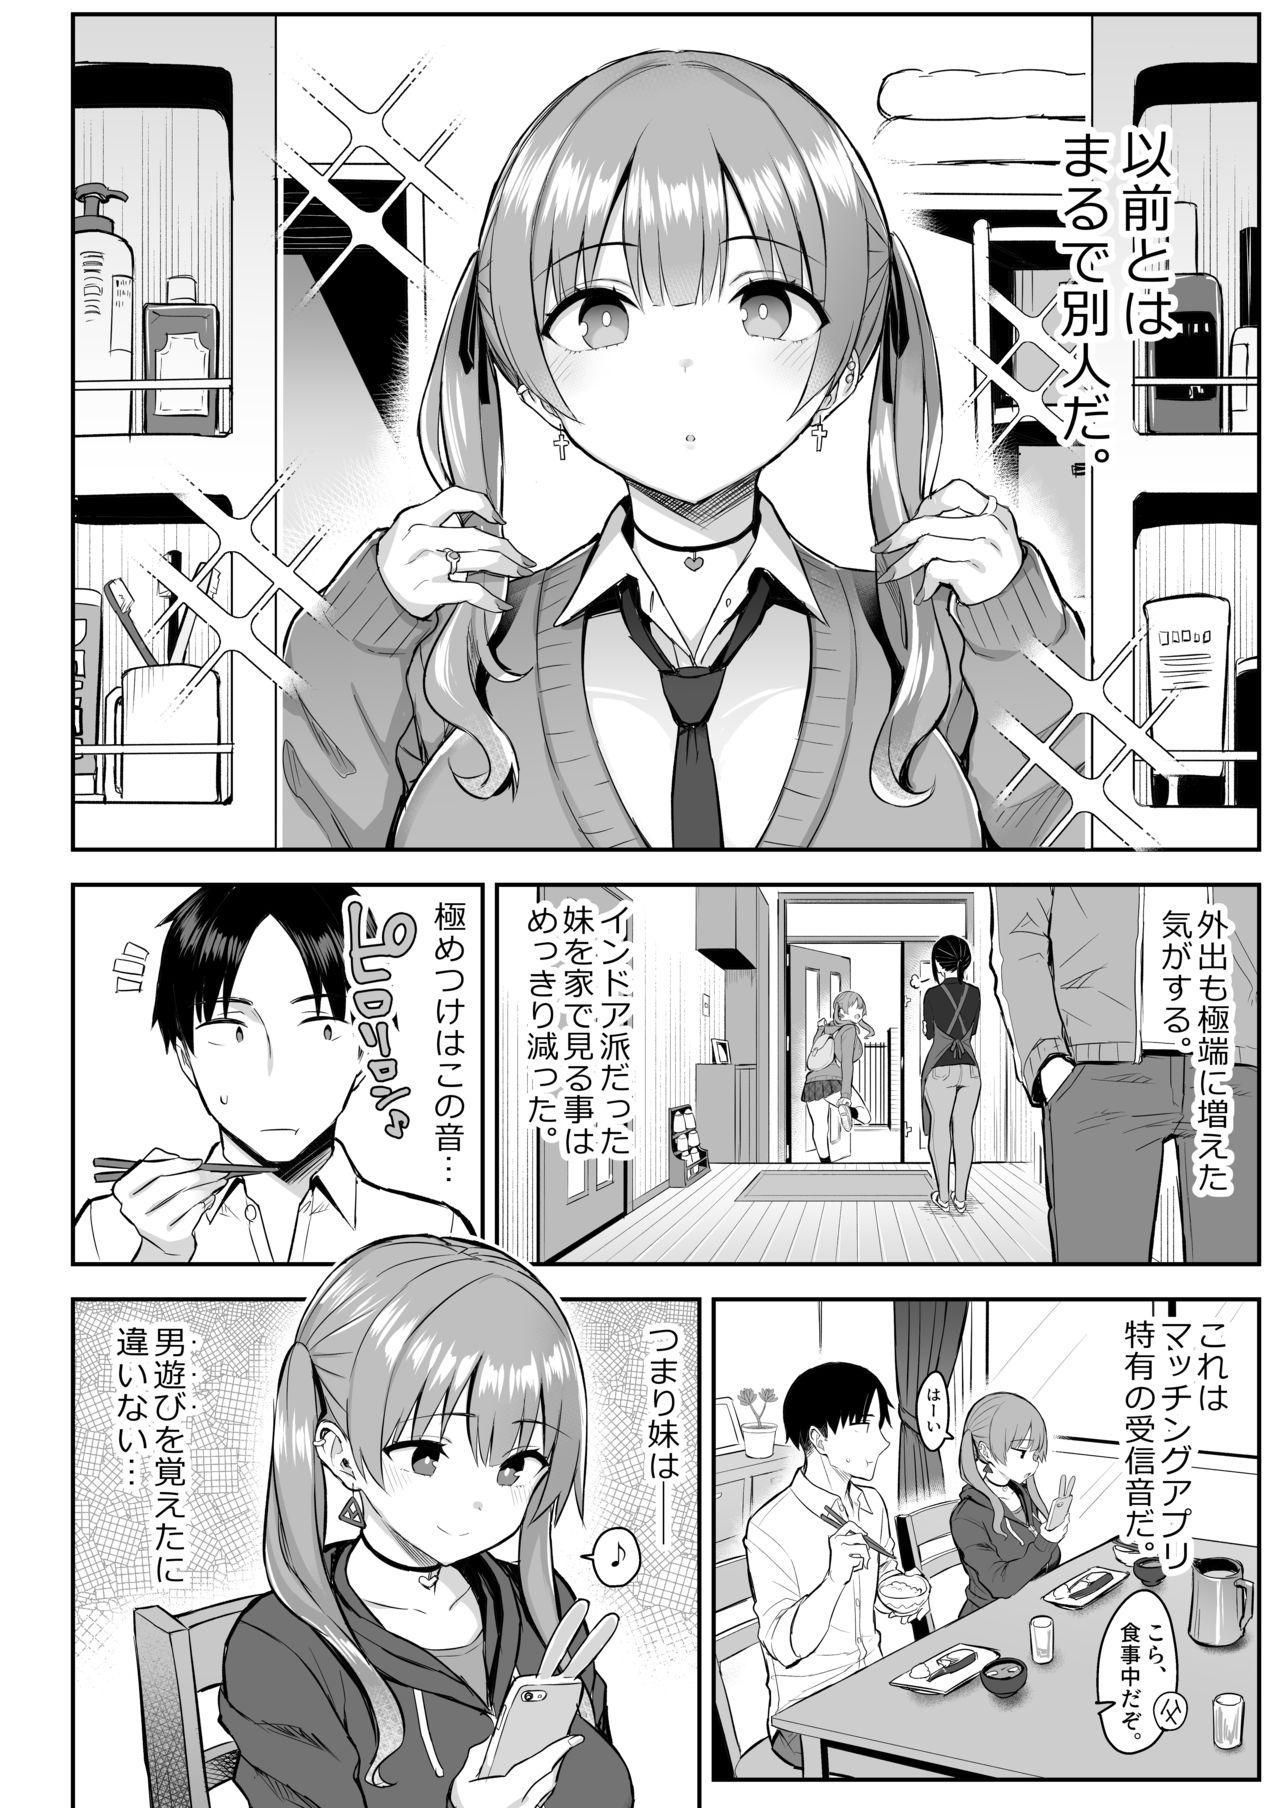 Moto InCha no Kyonyuu Yariman Imouto ga Erosugite, Onii-chan wa Mou...!! 4